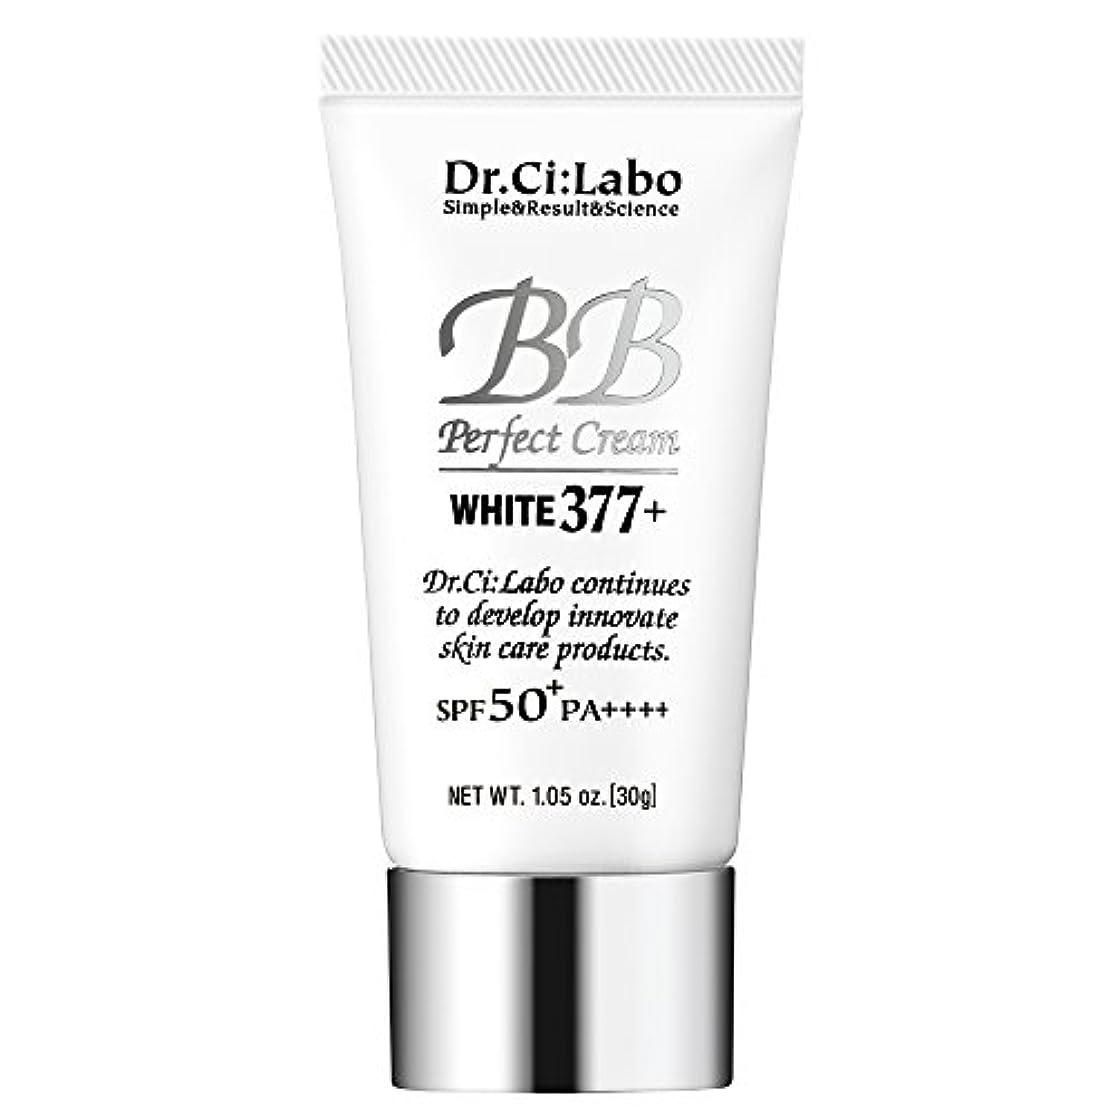 独創的研磨剤あなたのものドクターシーラボ BBパーフェクトクリーム ホワイト377+ 30g 多機能ファンデーション 化粧下地